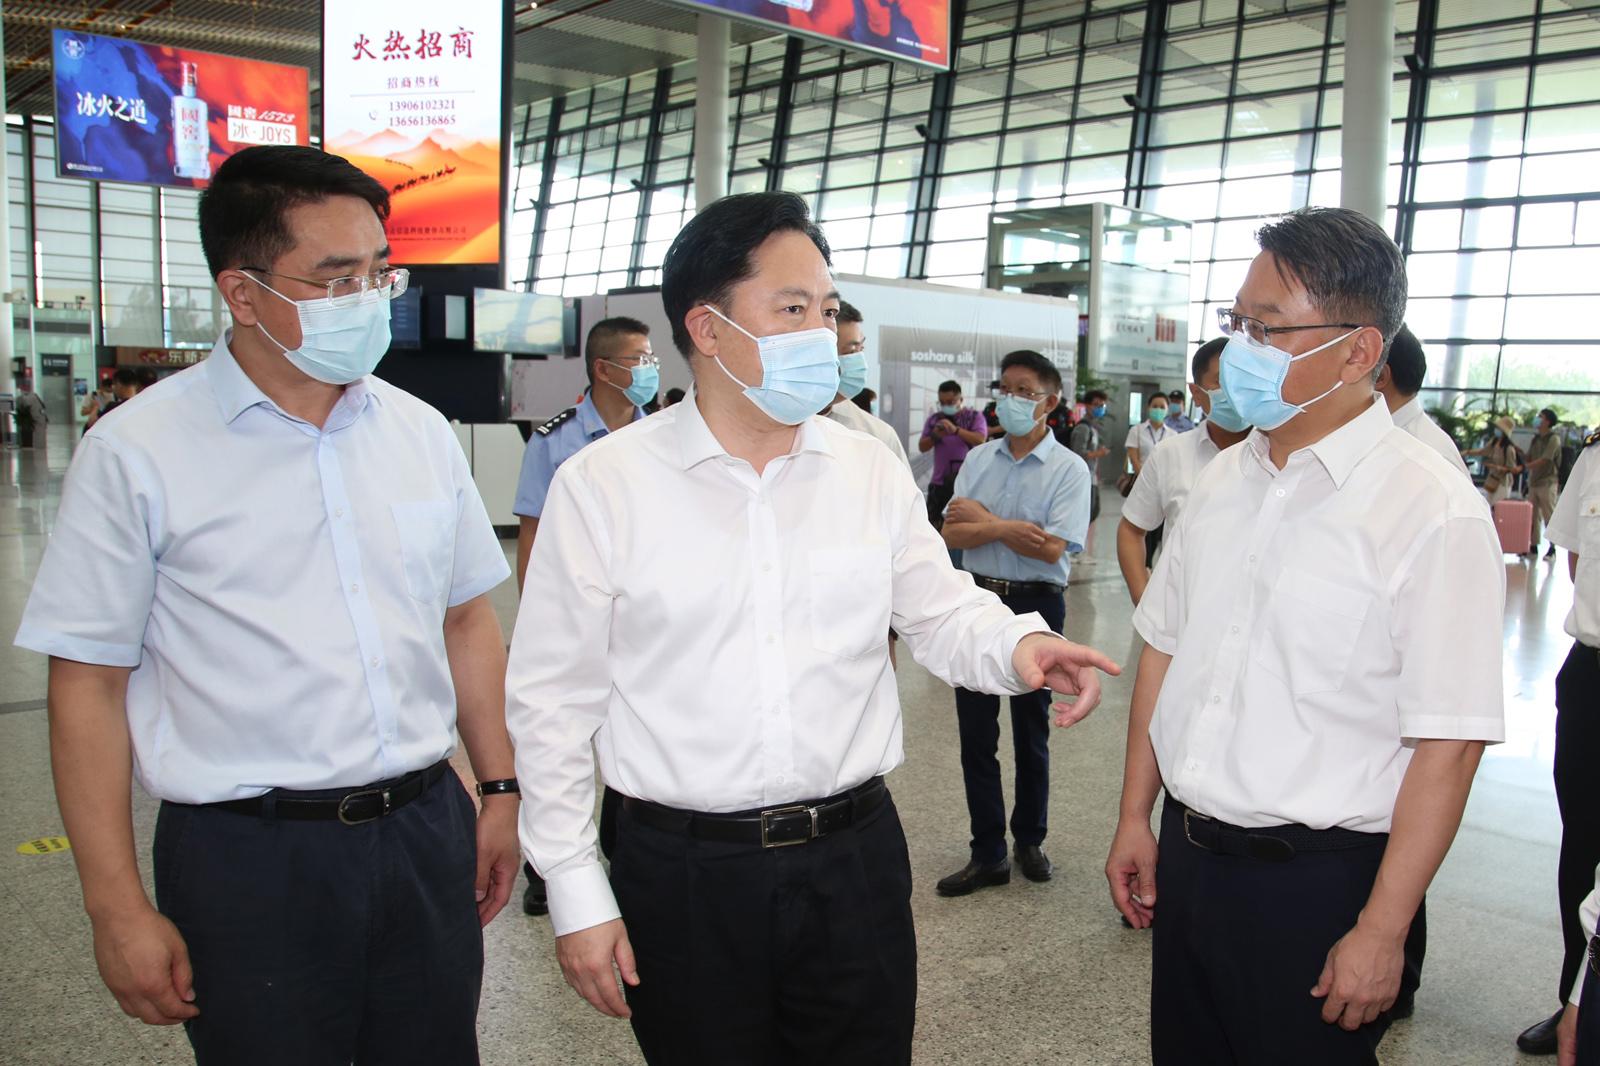 7月22日下午,常州市委书记陈金虎带队,前往常州奔牛国际机场,督查疫情防控工作。